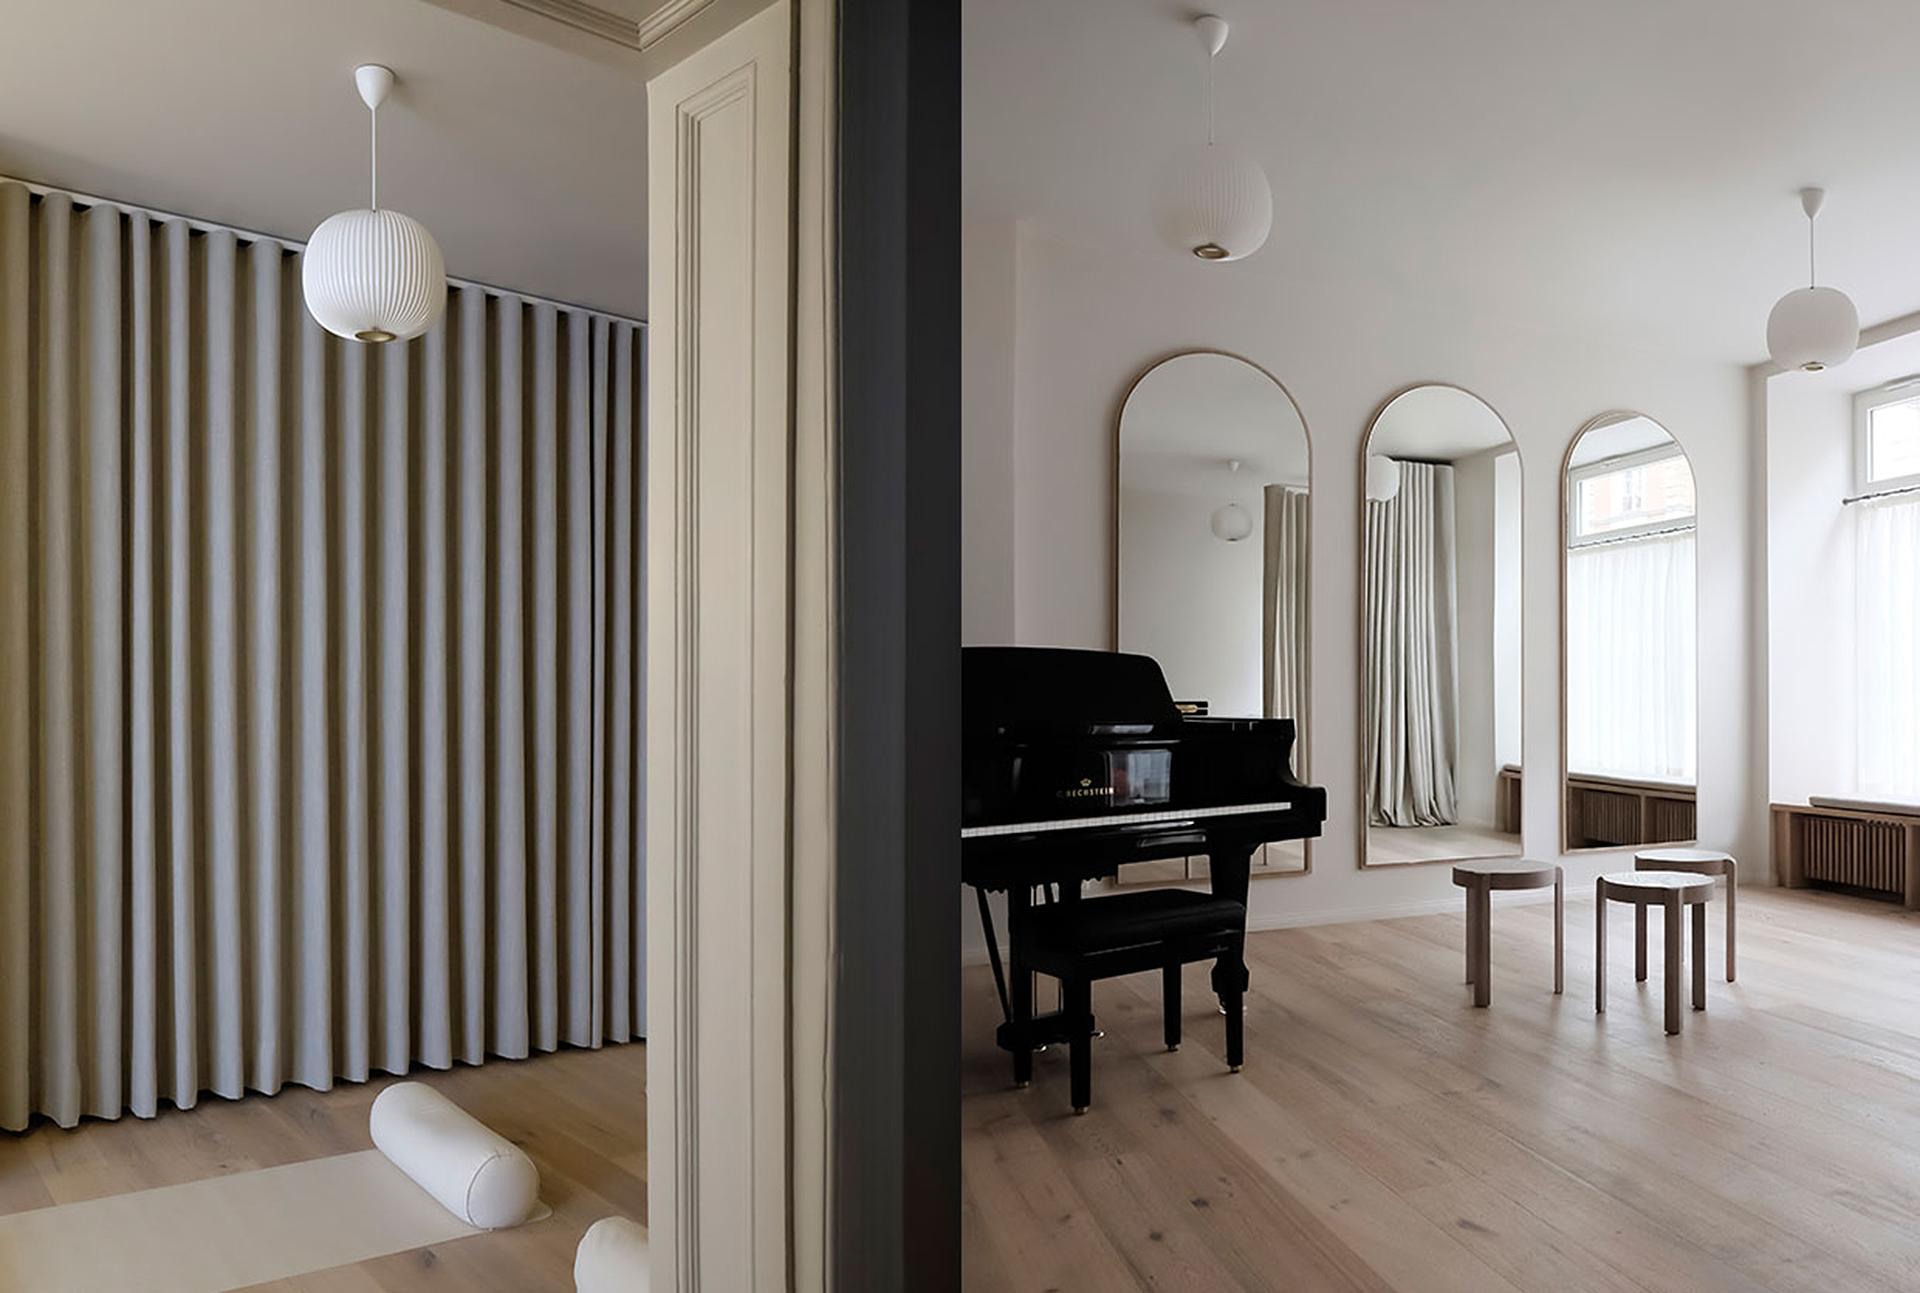 Музыкальная студия в Берлине по проекту Эмили Брум